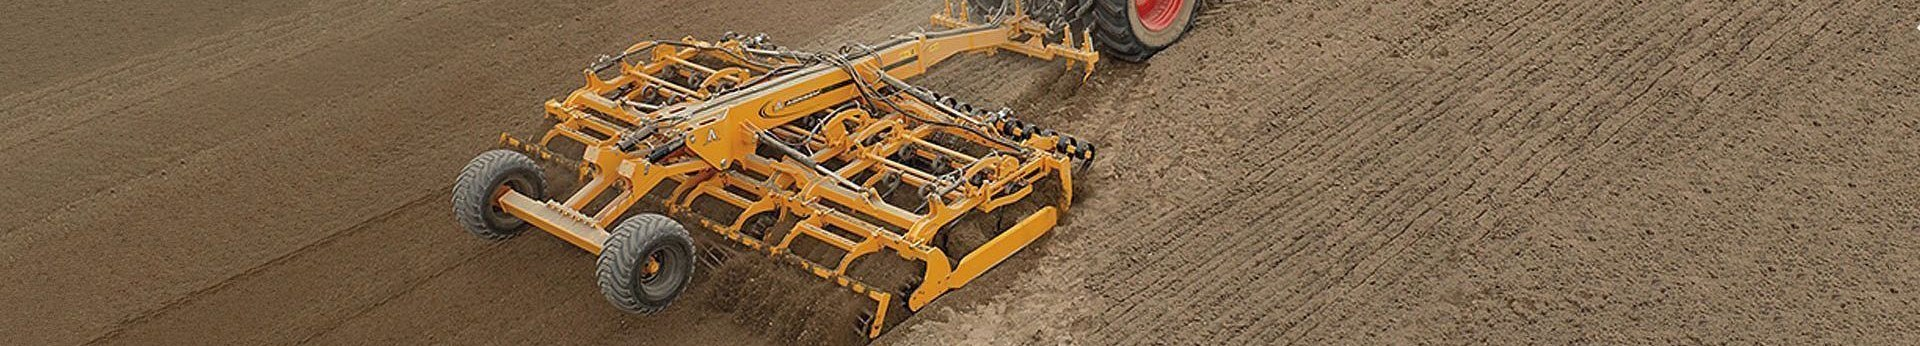 Zdjęcie żółtego agregatu uprawowego cultivator agrisem pracującego na polu korbanek.pl